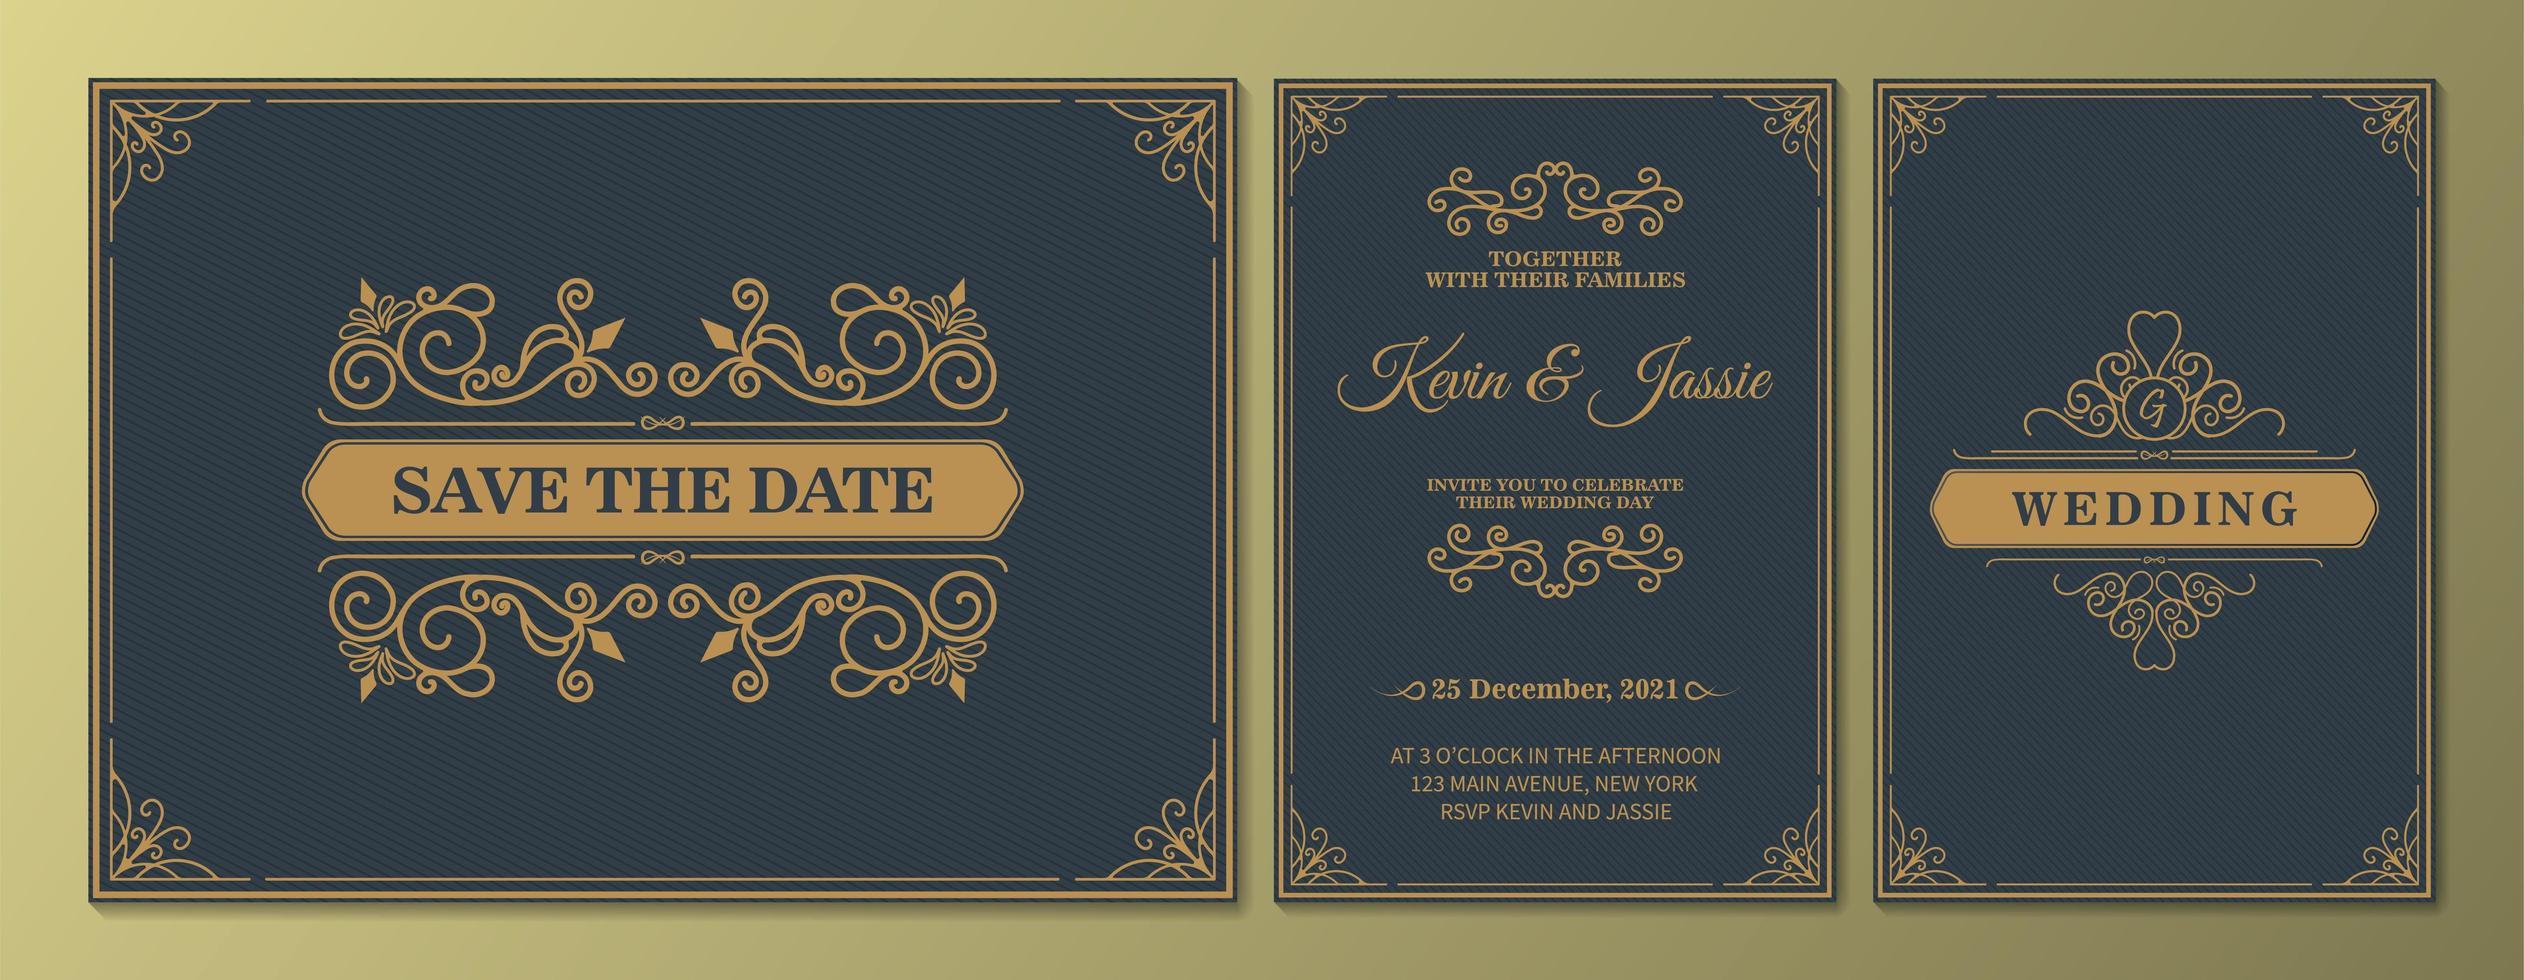 invitación de boda de lujo antiguo y guardar la fecha establecida vector